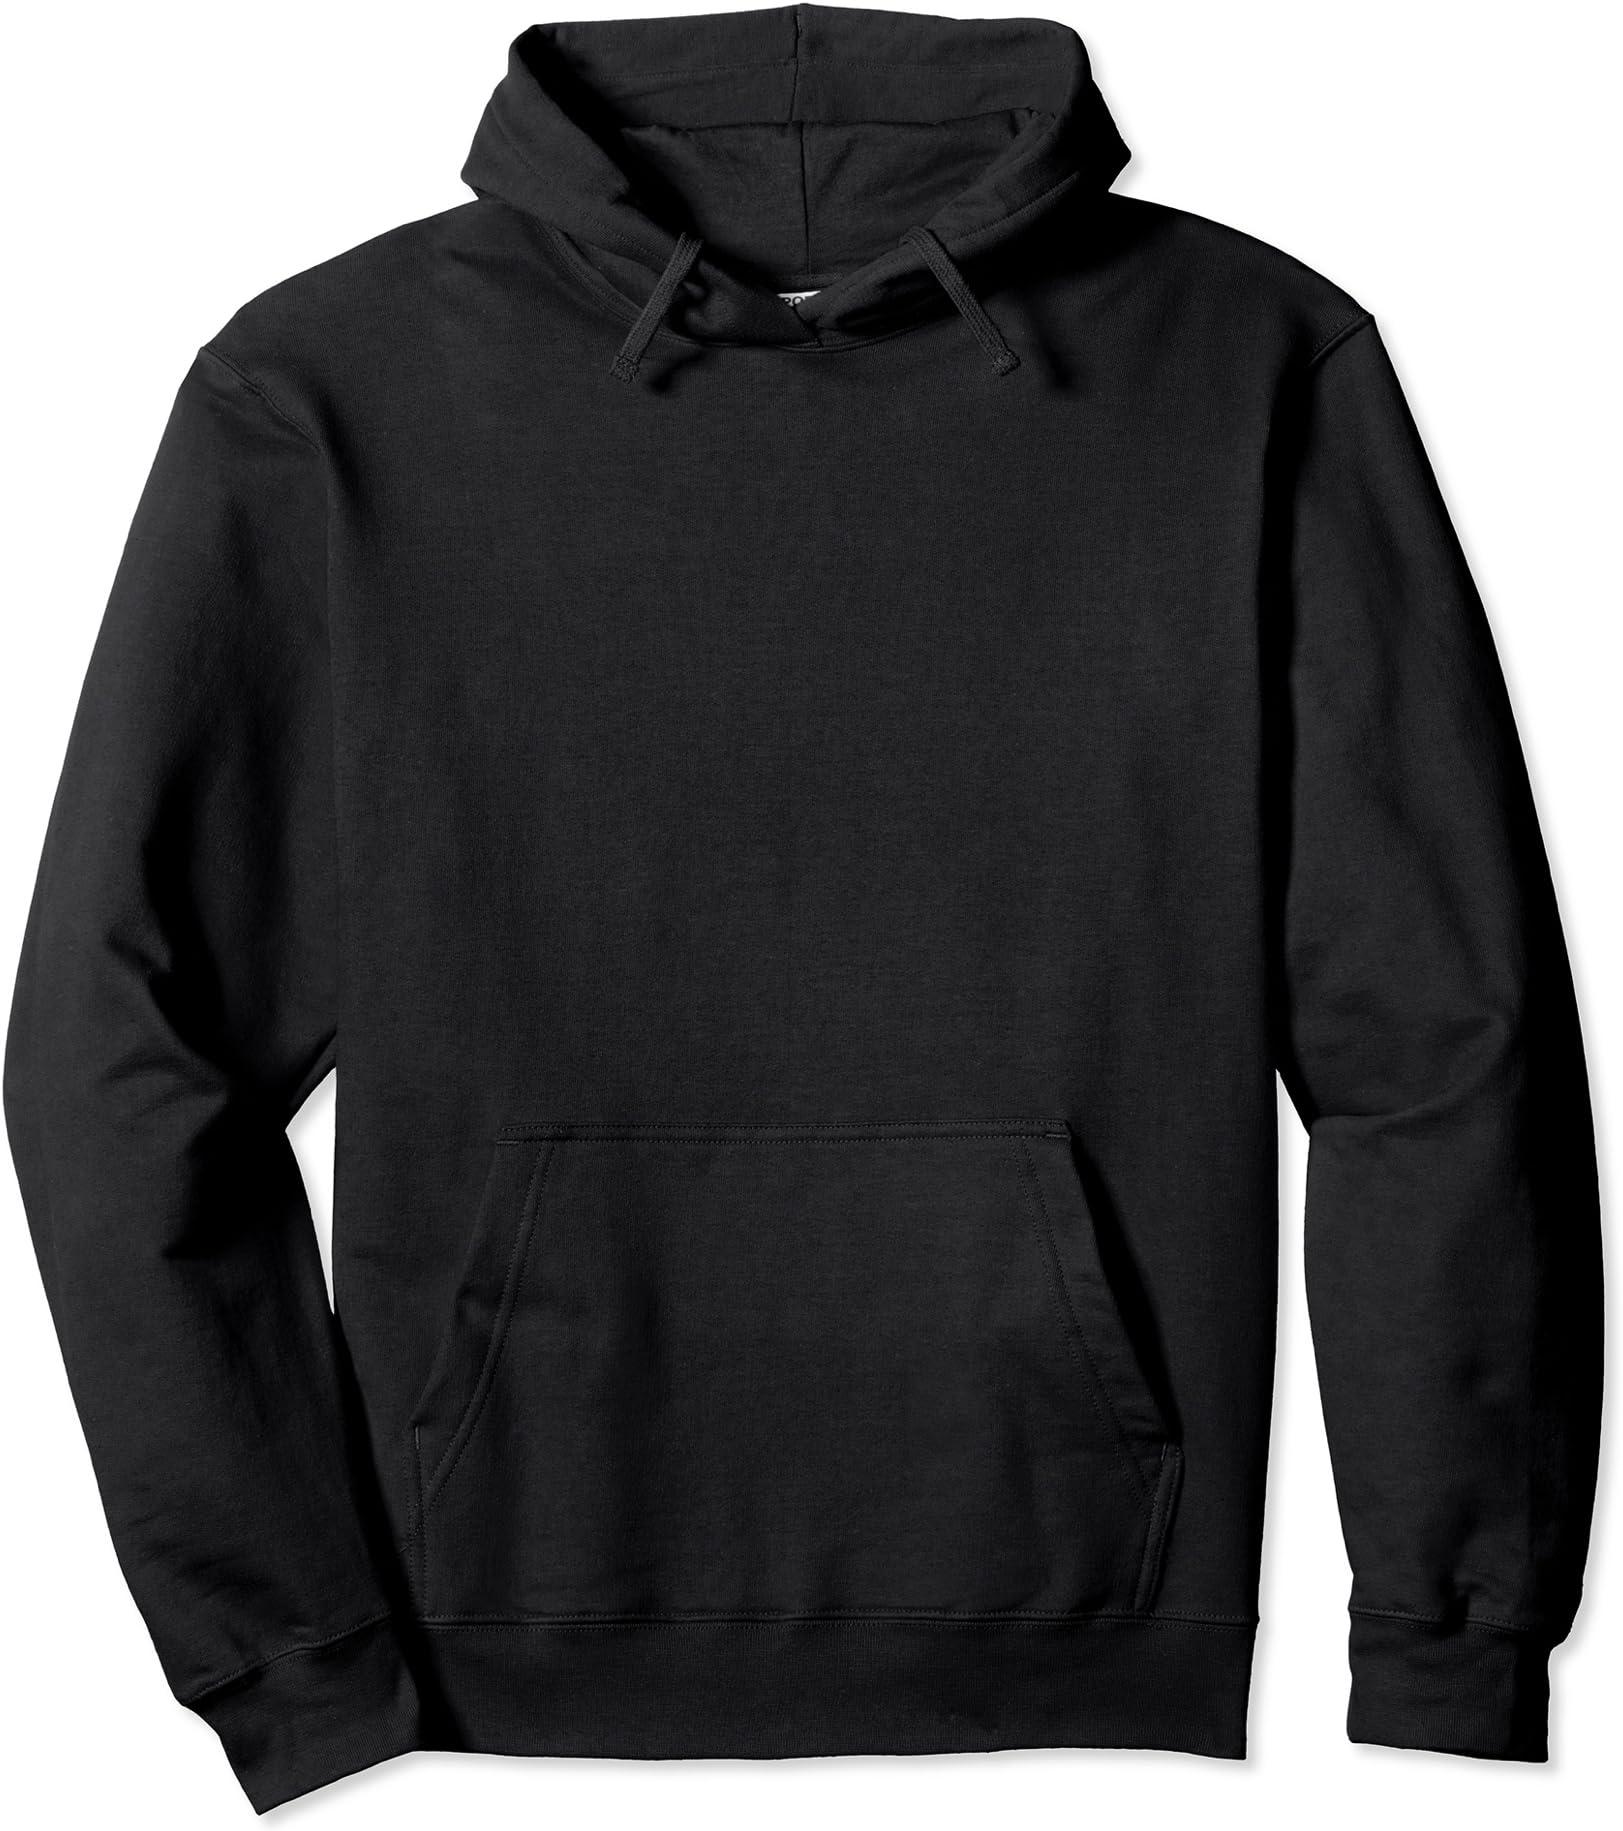 Masonic Hooded Sweatshirt Black Embroidery